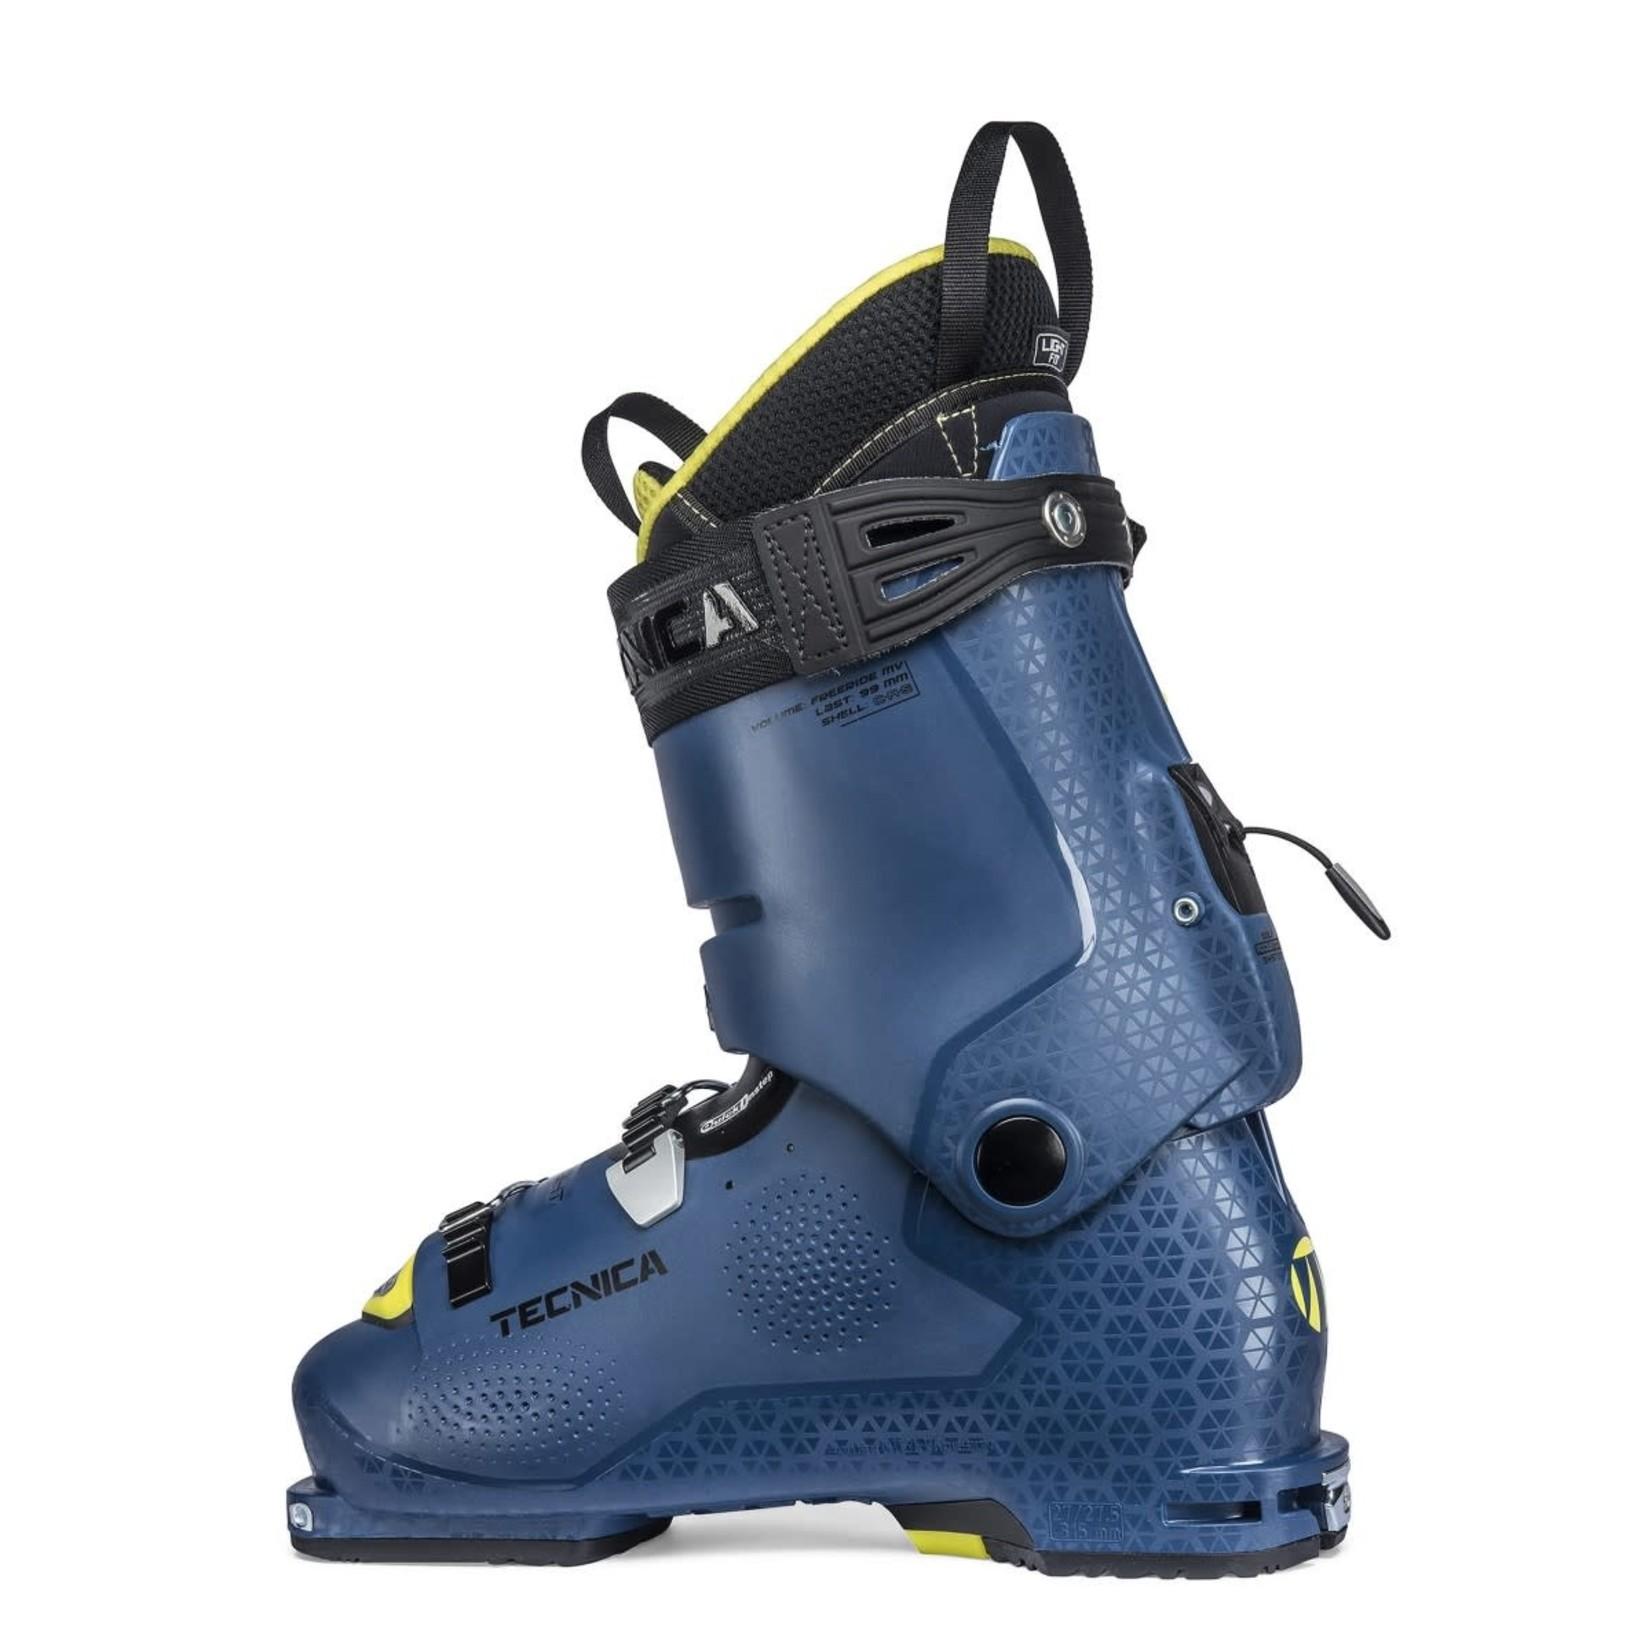 Tecnica Botte de ski Tecnica Cochise Light DYN - Homme